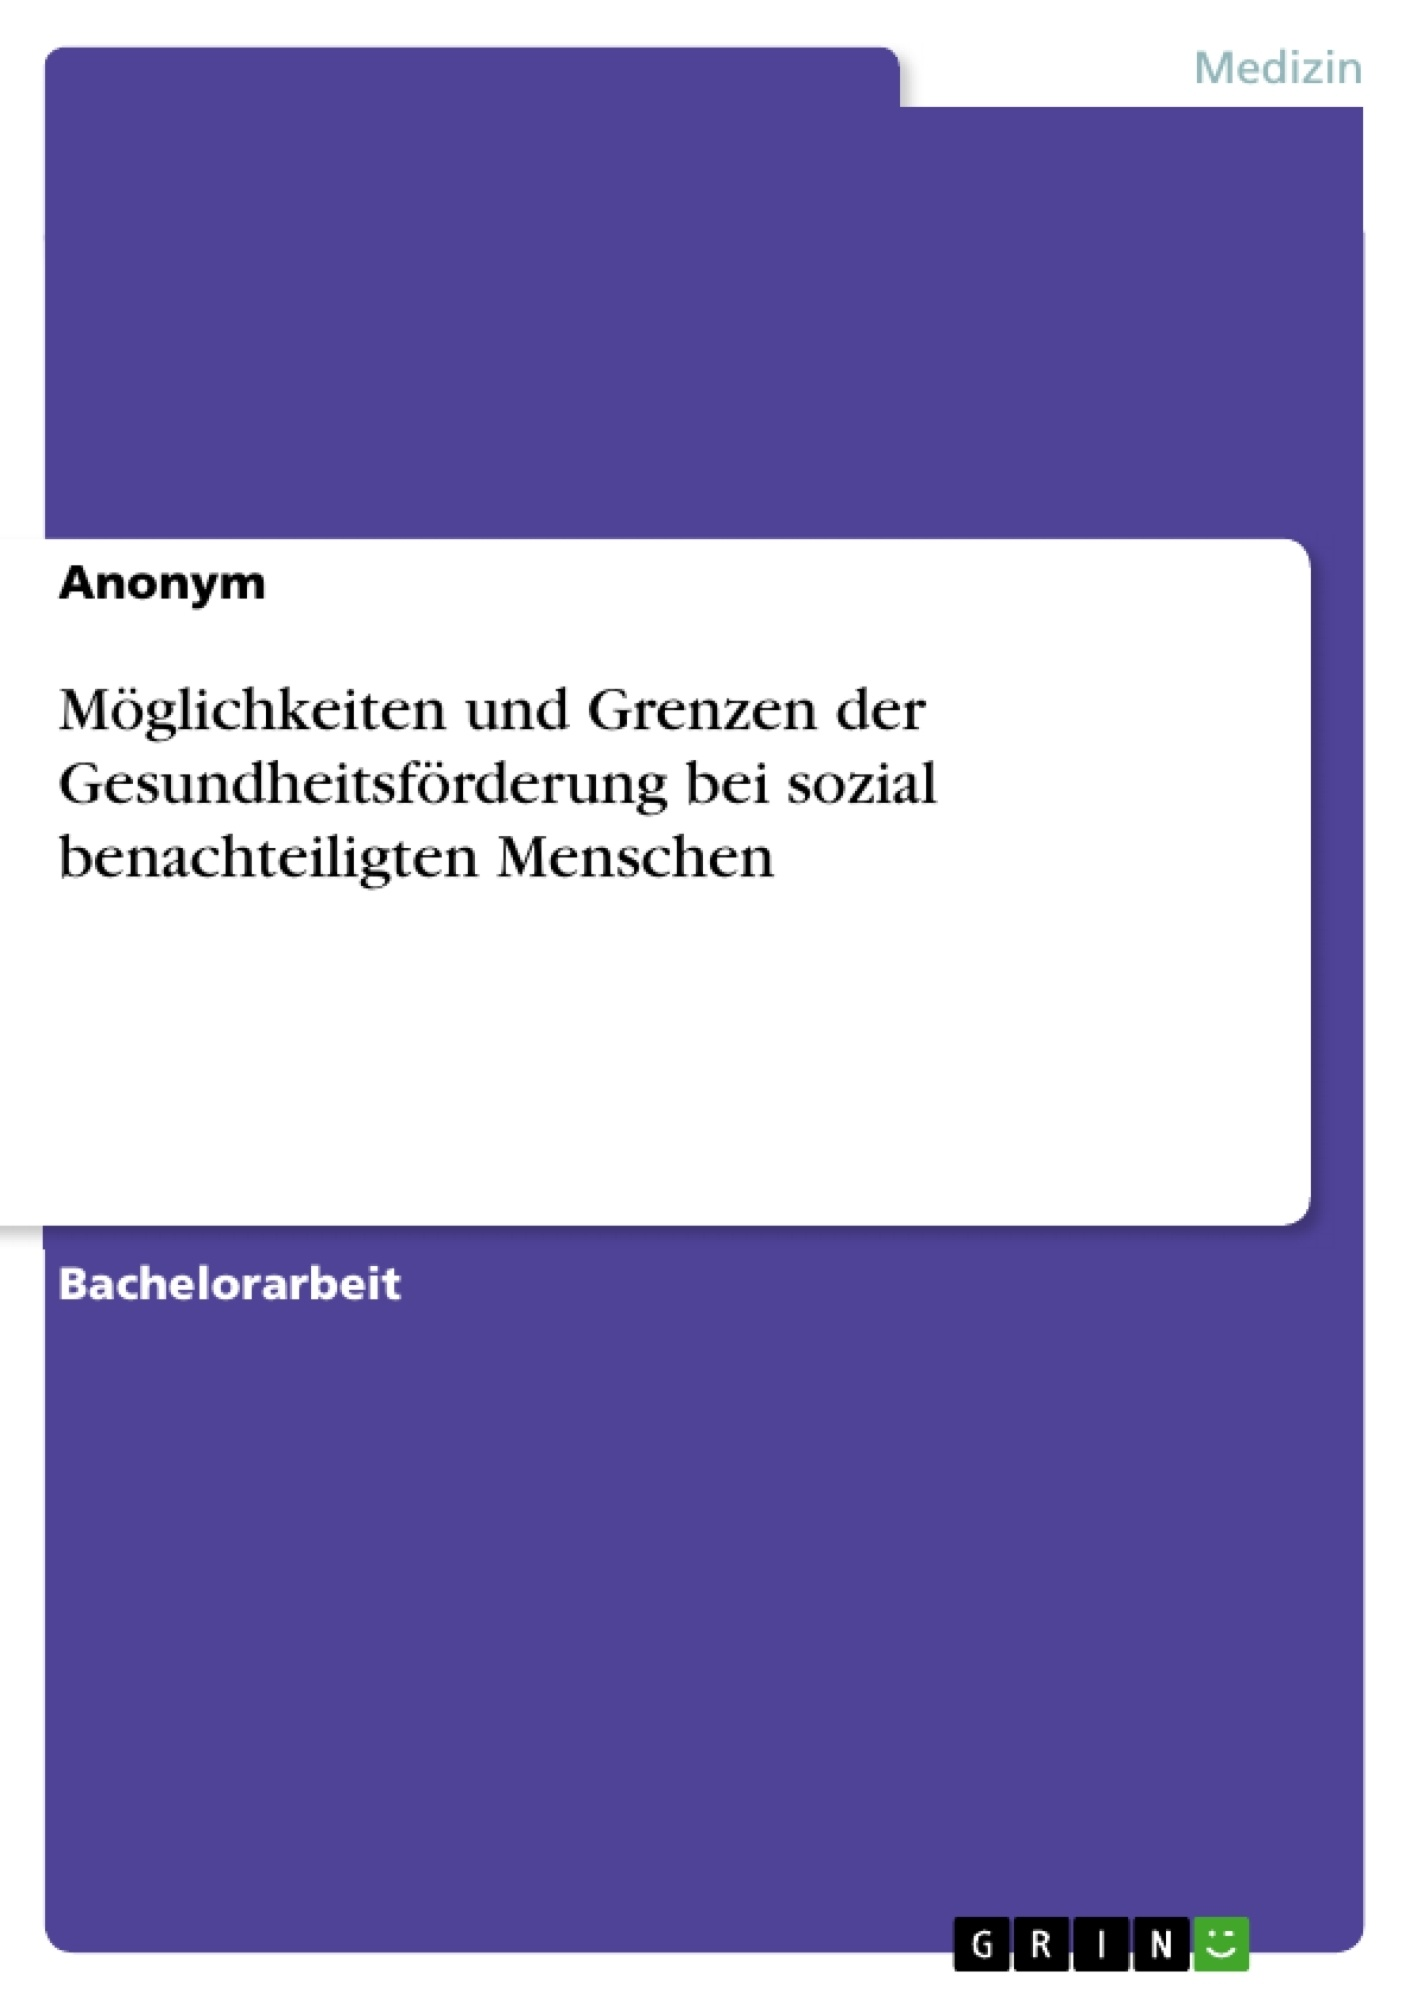 Titel: Möglichkeiten und Grenzen der Gesundheitsförderung bei sozial benachteiligten Menschen